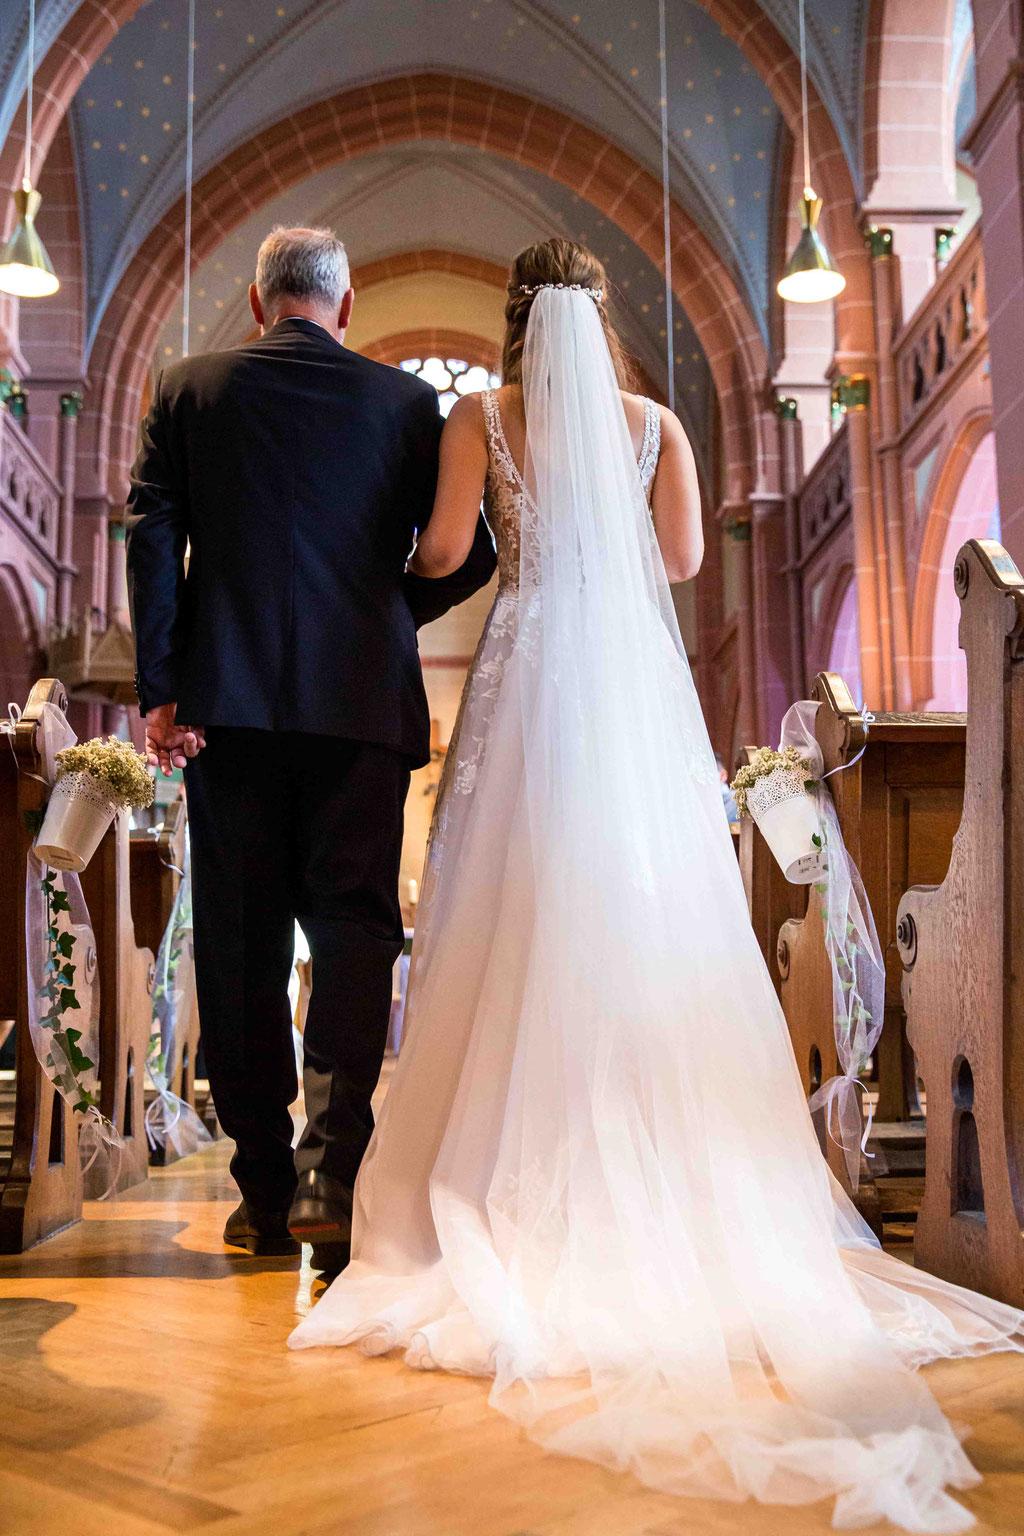 Hochzeit: Weststadtbar Darmstadt, Mainzer Straße 106, 64293 Darmstadt - Hochzeitsfotograf, Braut wird vom Brautvater zum Altar geführt, Kirchliche Hochzeit, Hochzeitsfotografin, Zwei Hochzeitsfotografen,